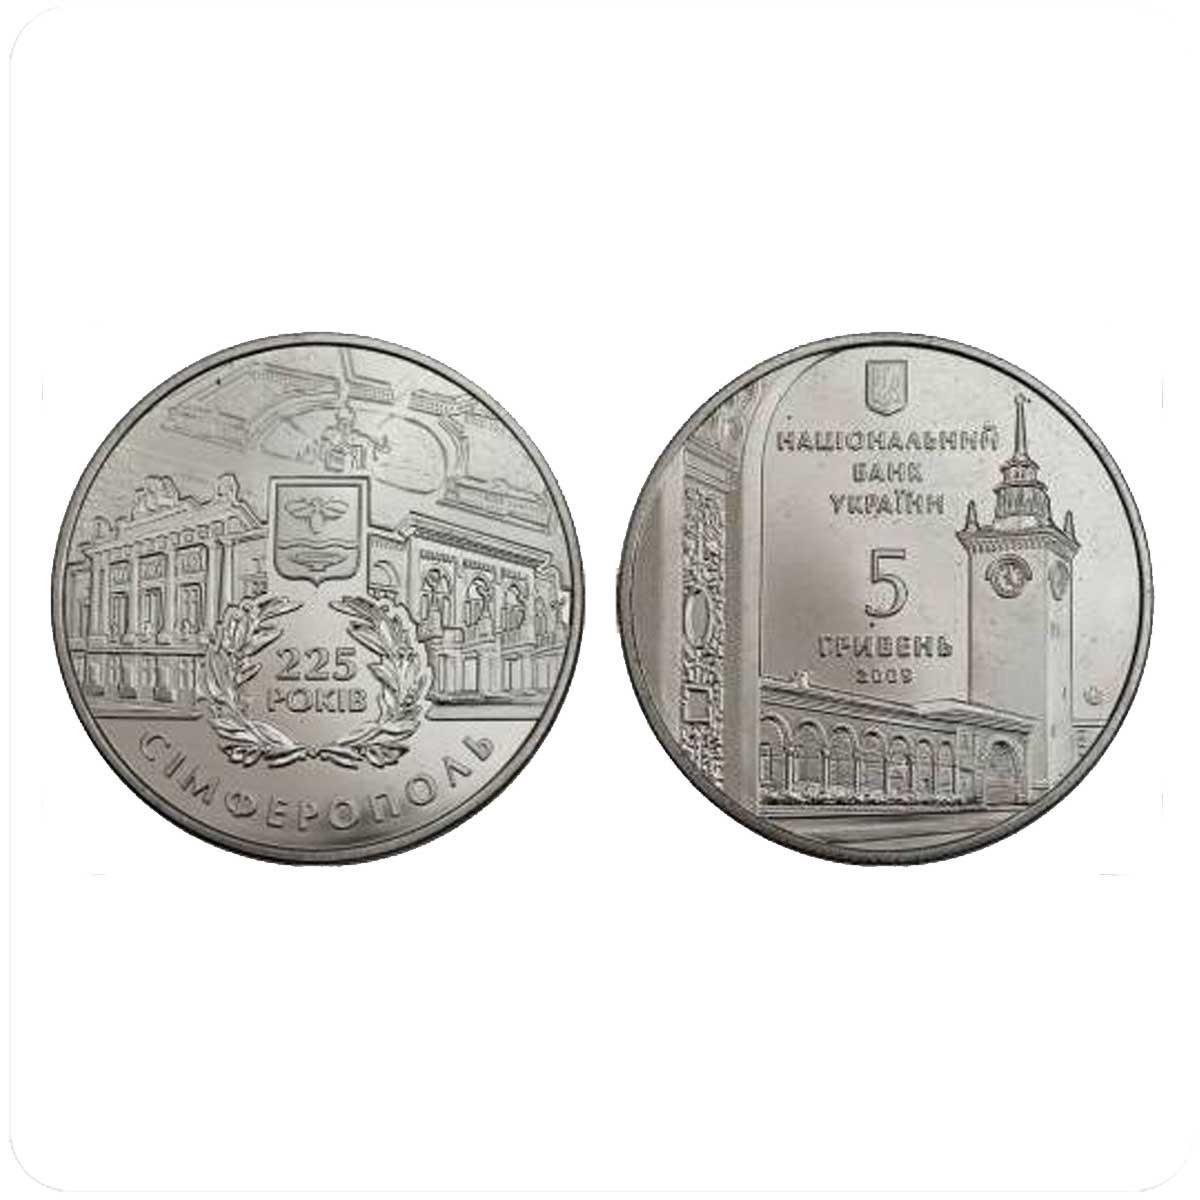 5 гривен 2009 - 225 лет городу Симферополь код 20924